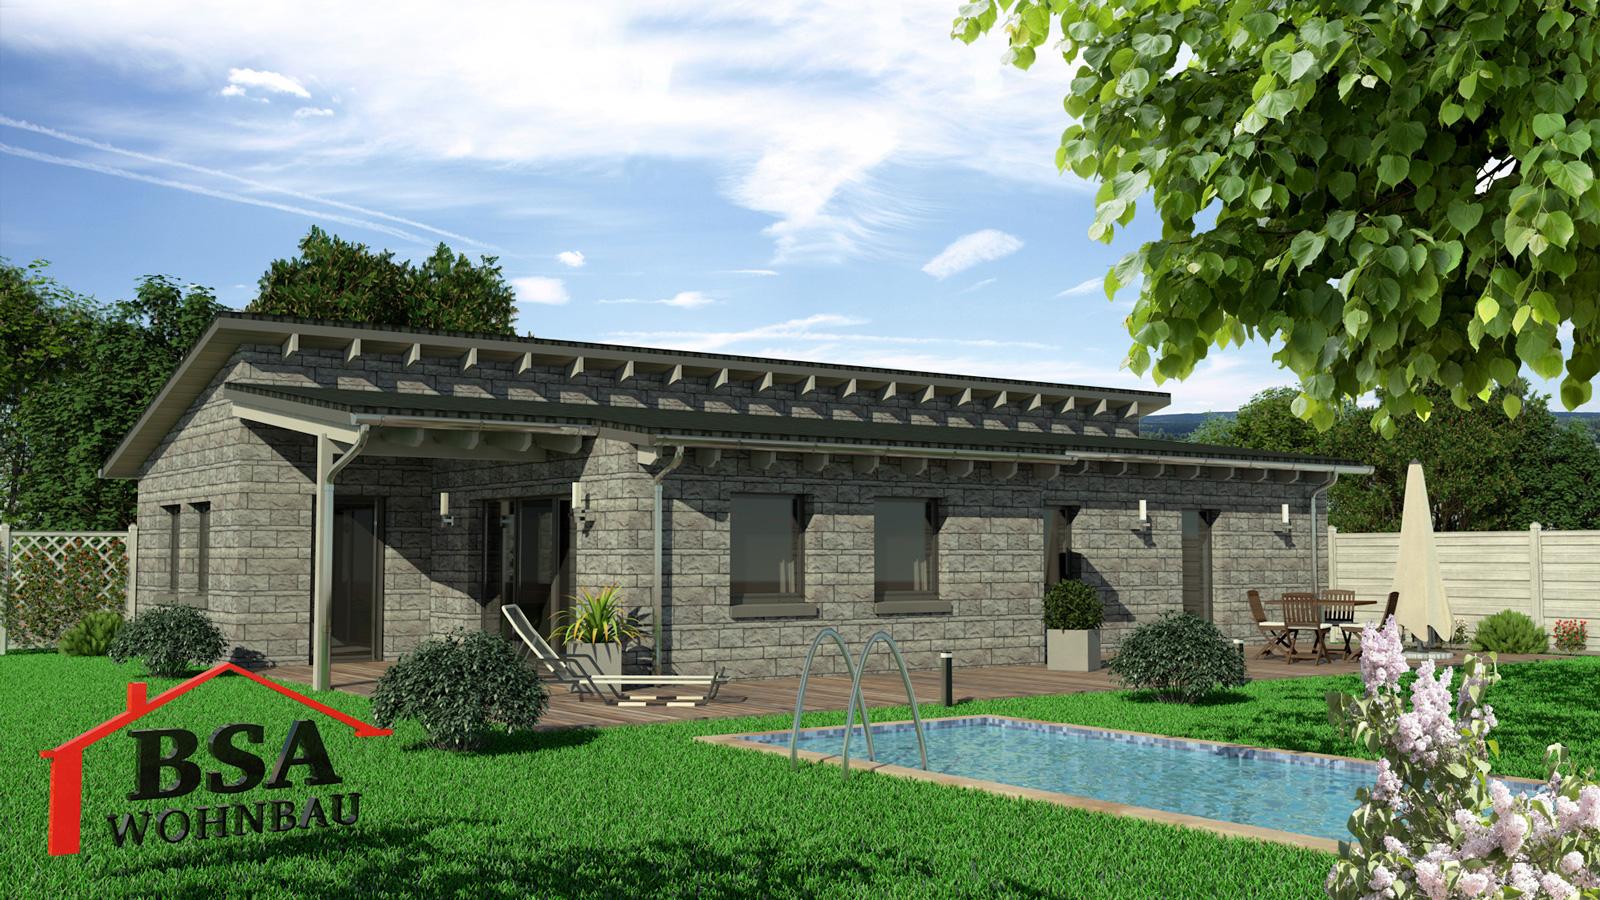 moderner bungalow full size of moderne bungalows the best. Black Bedroom Furniture Sets. Home Design Ideas